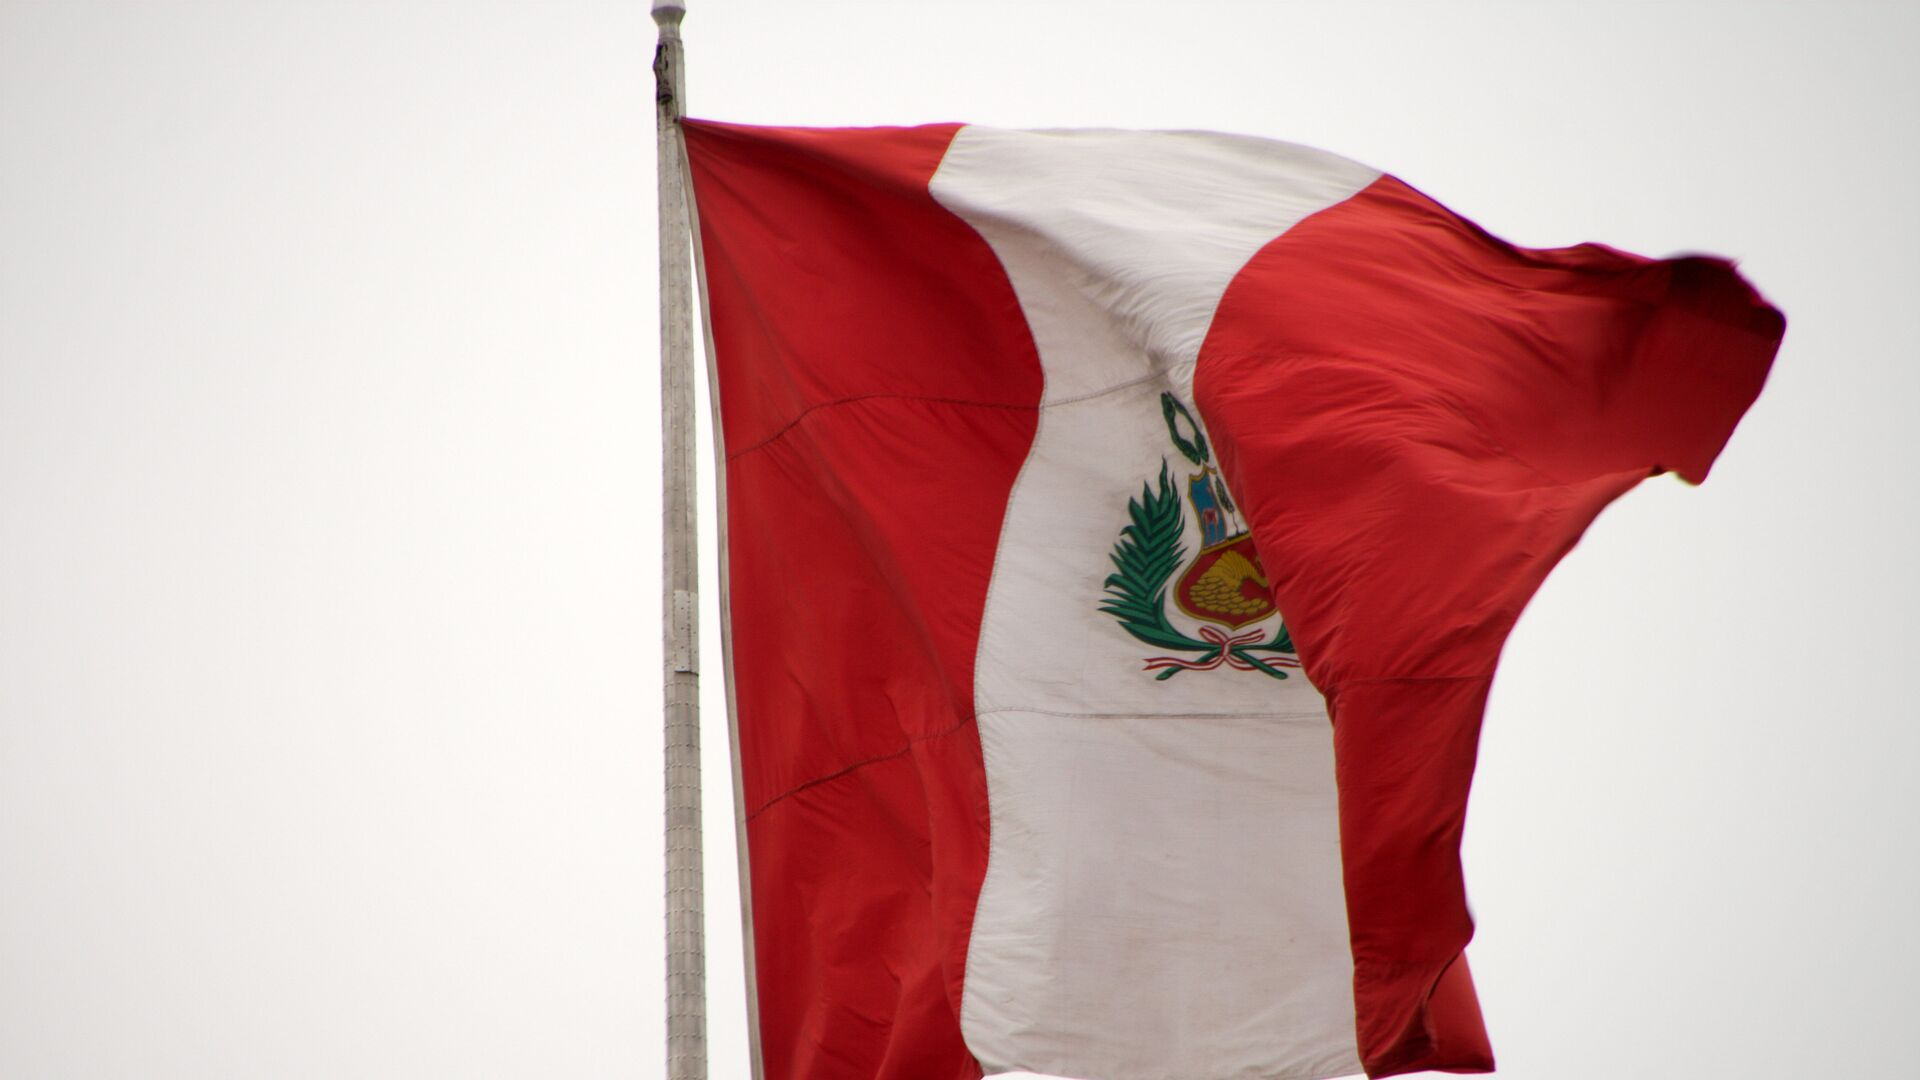 La bandera de Perú - Sputnik Mundo, 1920, 22.04.2021